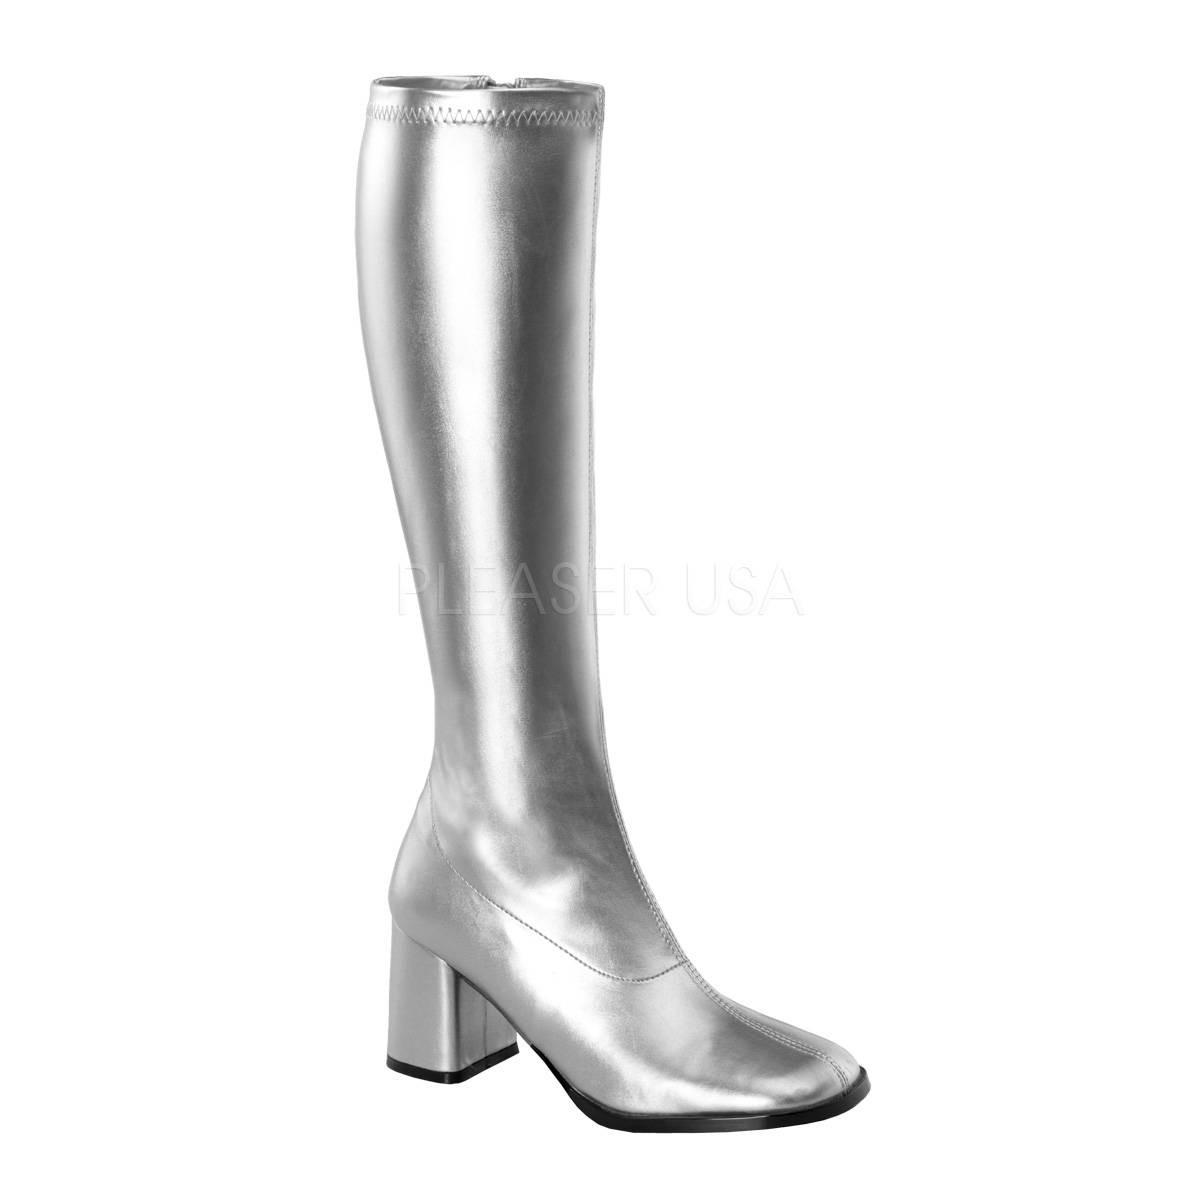 Stiefel - GOGO 300 ° Damen Stiefel ° Silber Matt ° Funtasma  - Onlineshop RedSixty